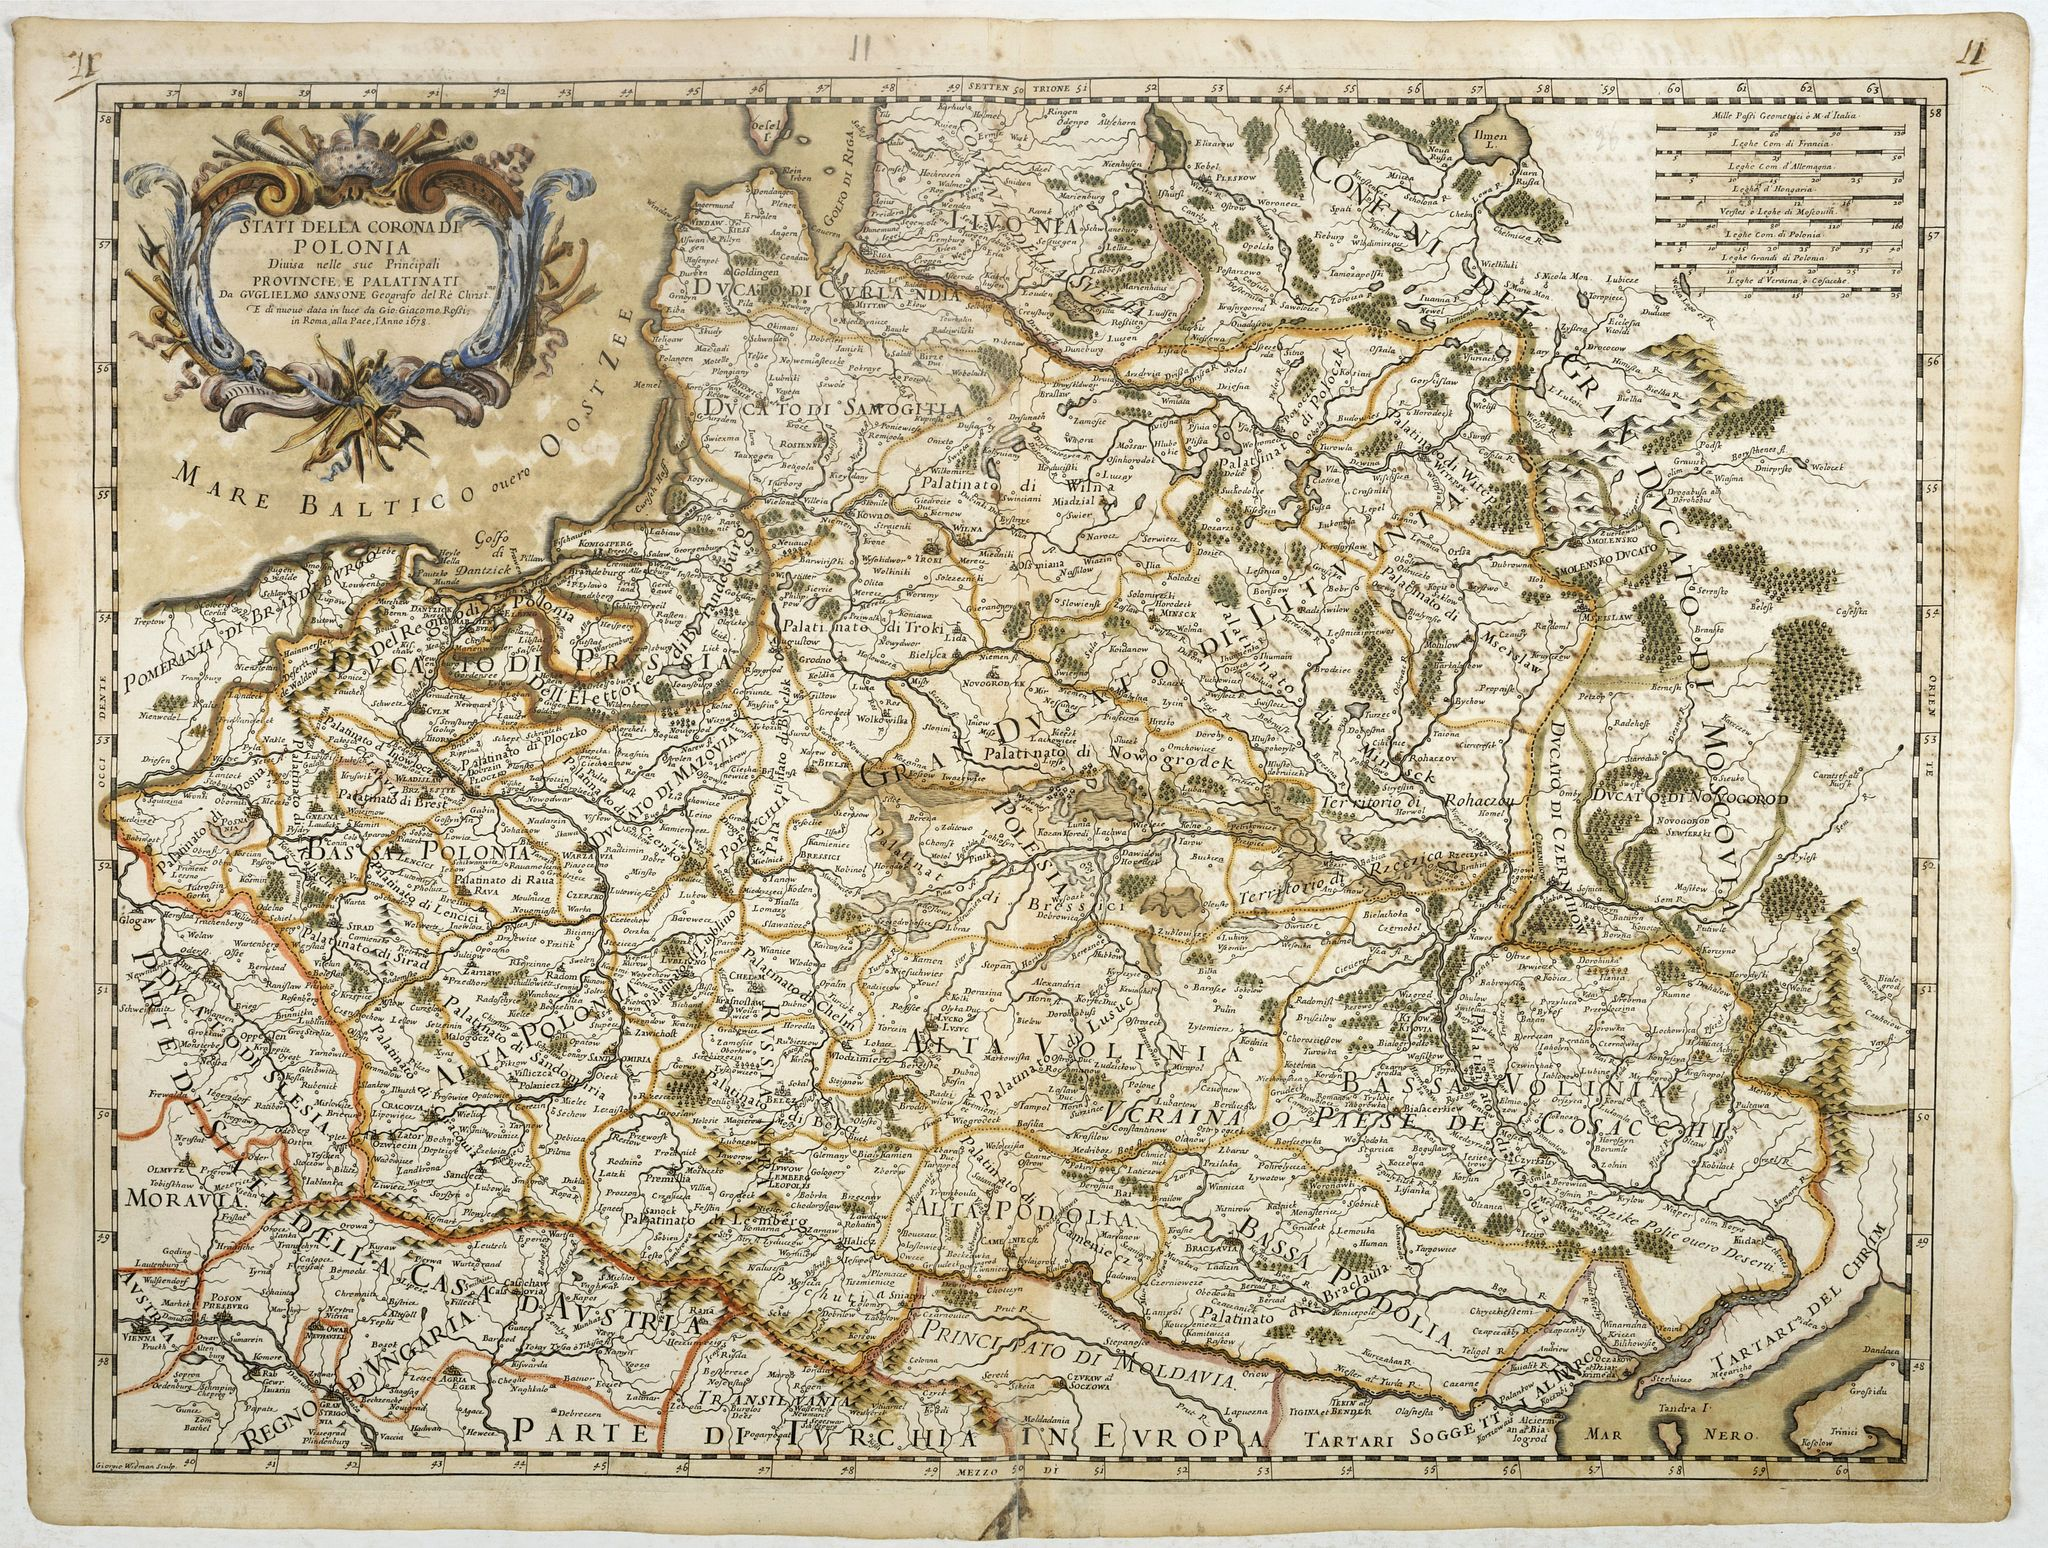 ROSSI,G. G. -  Stati della Corona di Polonia Divisa nella sue Principali Provincie e Palatinati da Guglielmo Sansone. . .